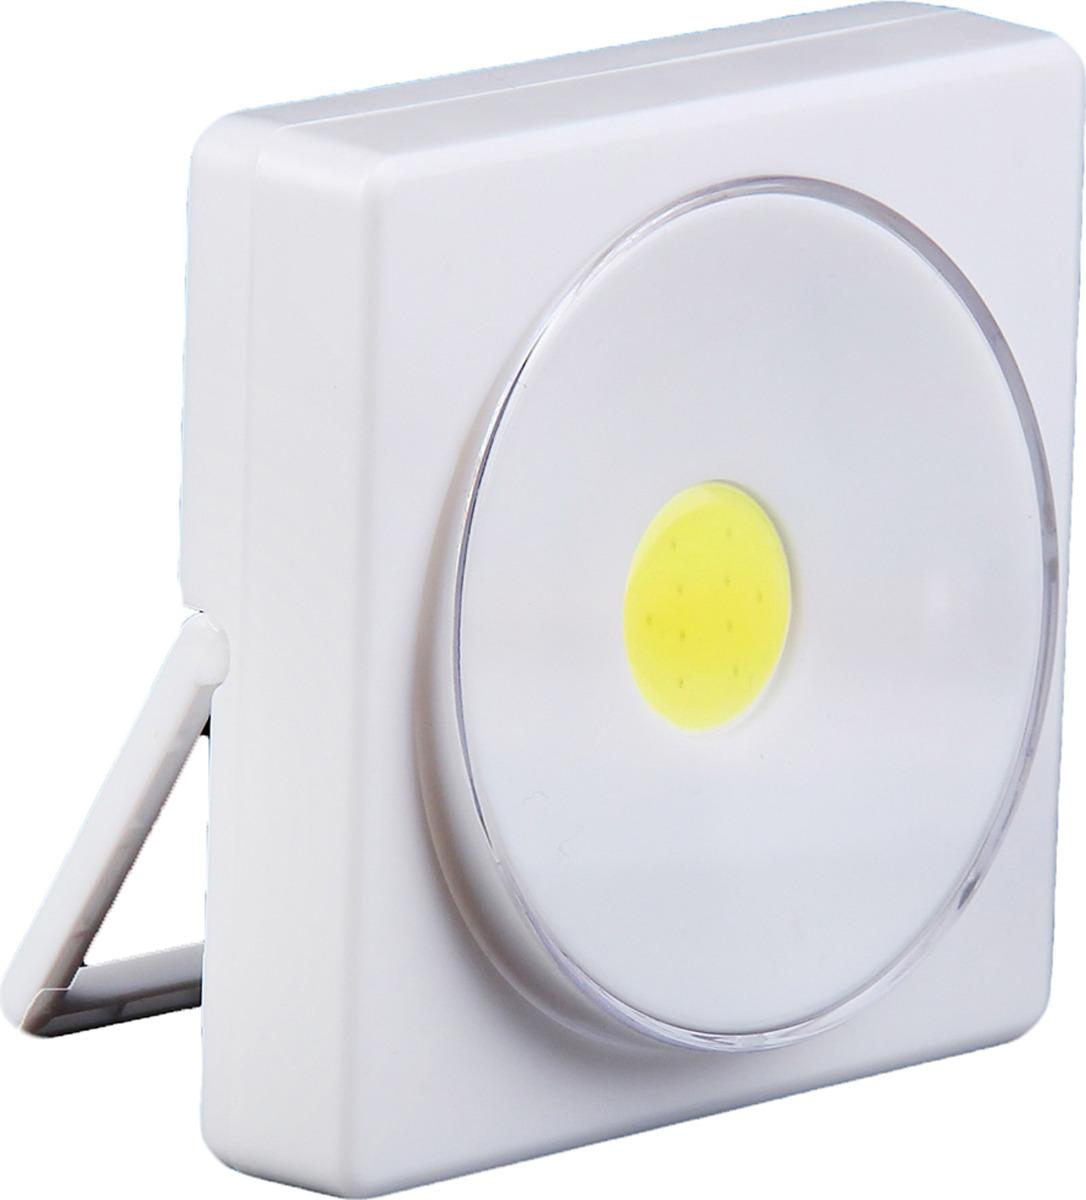 Ночник Risalux Включатель, LED, 3483564, белый, 10 х 9 х 3 см